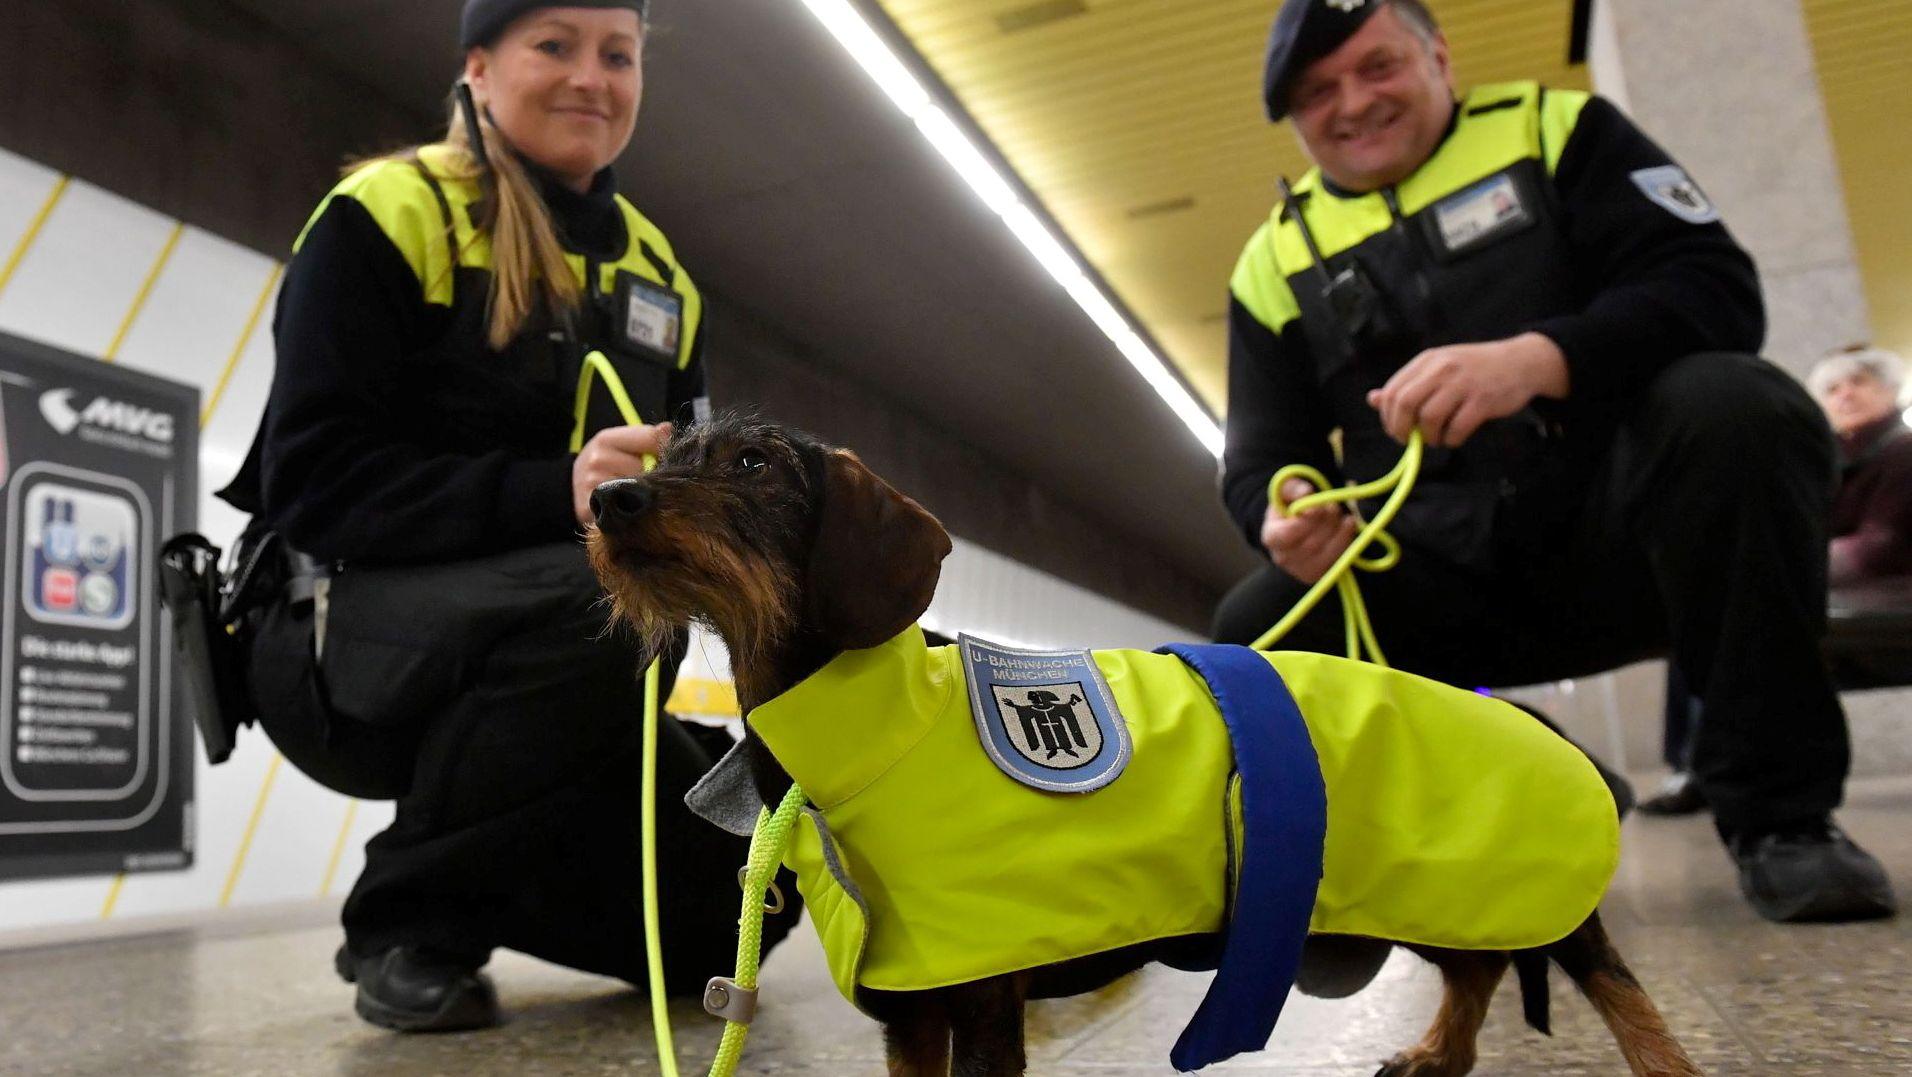 Aus einem Aprilscherz wurde Ernst, aus der Idee wird trotzdem nichts: Die MVG hat dem Ansinnen der CSU-Fraktion im Stadtrat, Dackel als Streifenhunde in U-Bahn-Stationen einzusetzen, eine Absage erteilt.